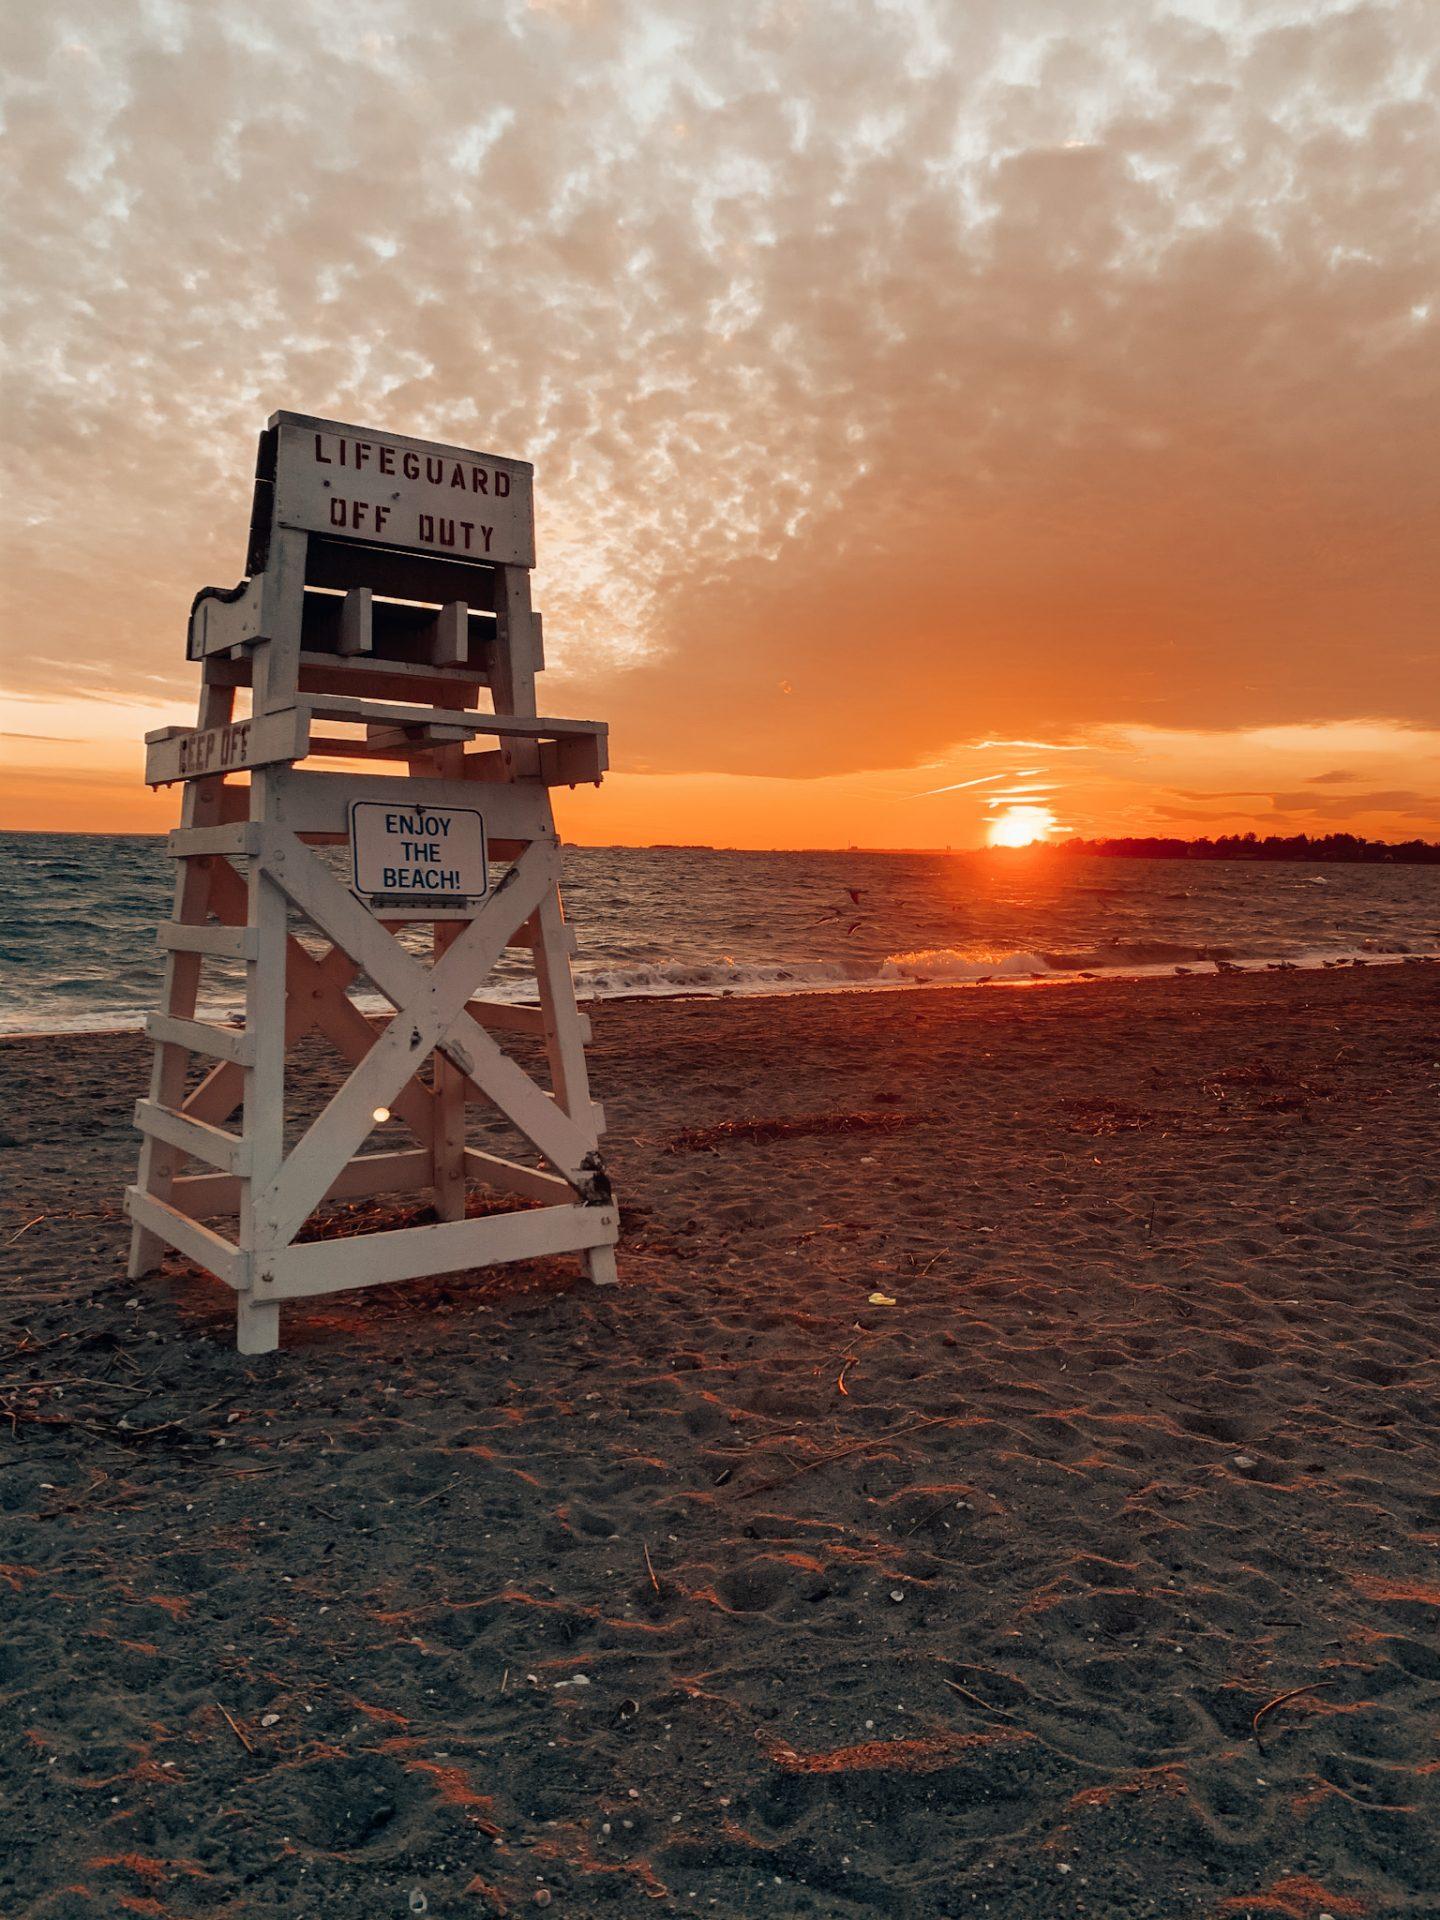 Sasco Hill Beach in Fairfield, CT